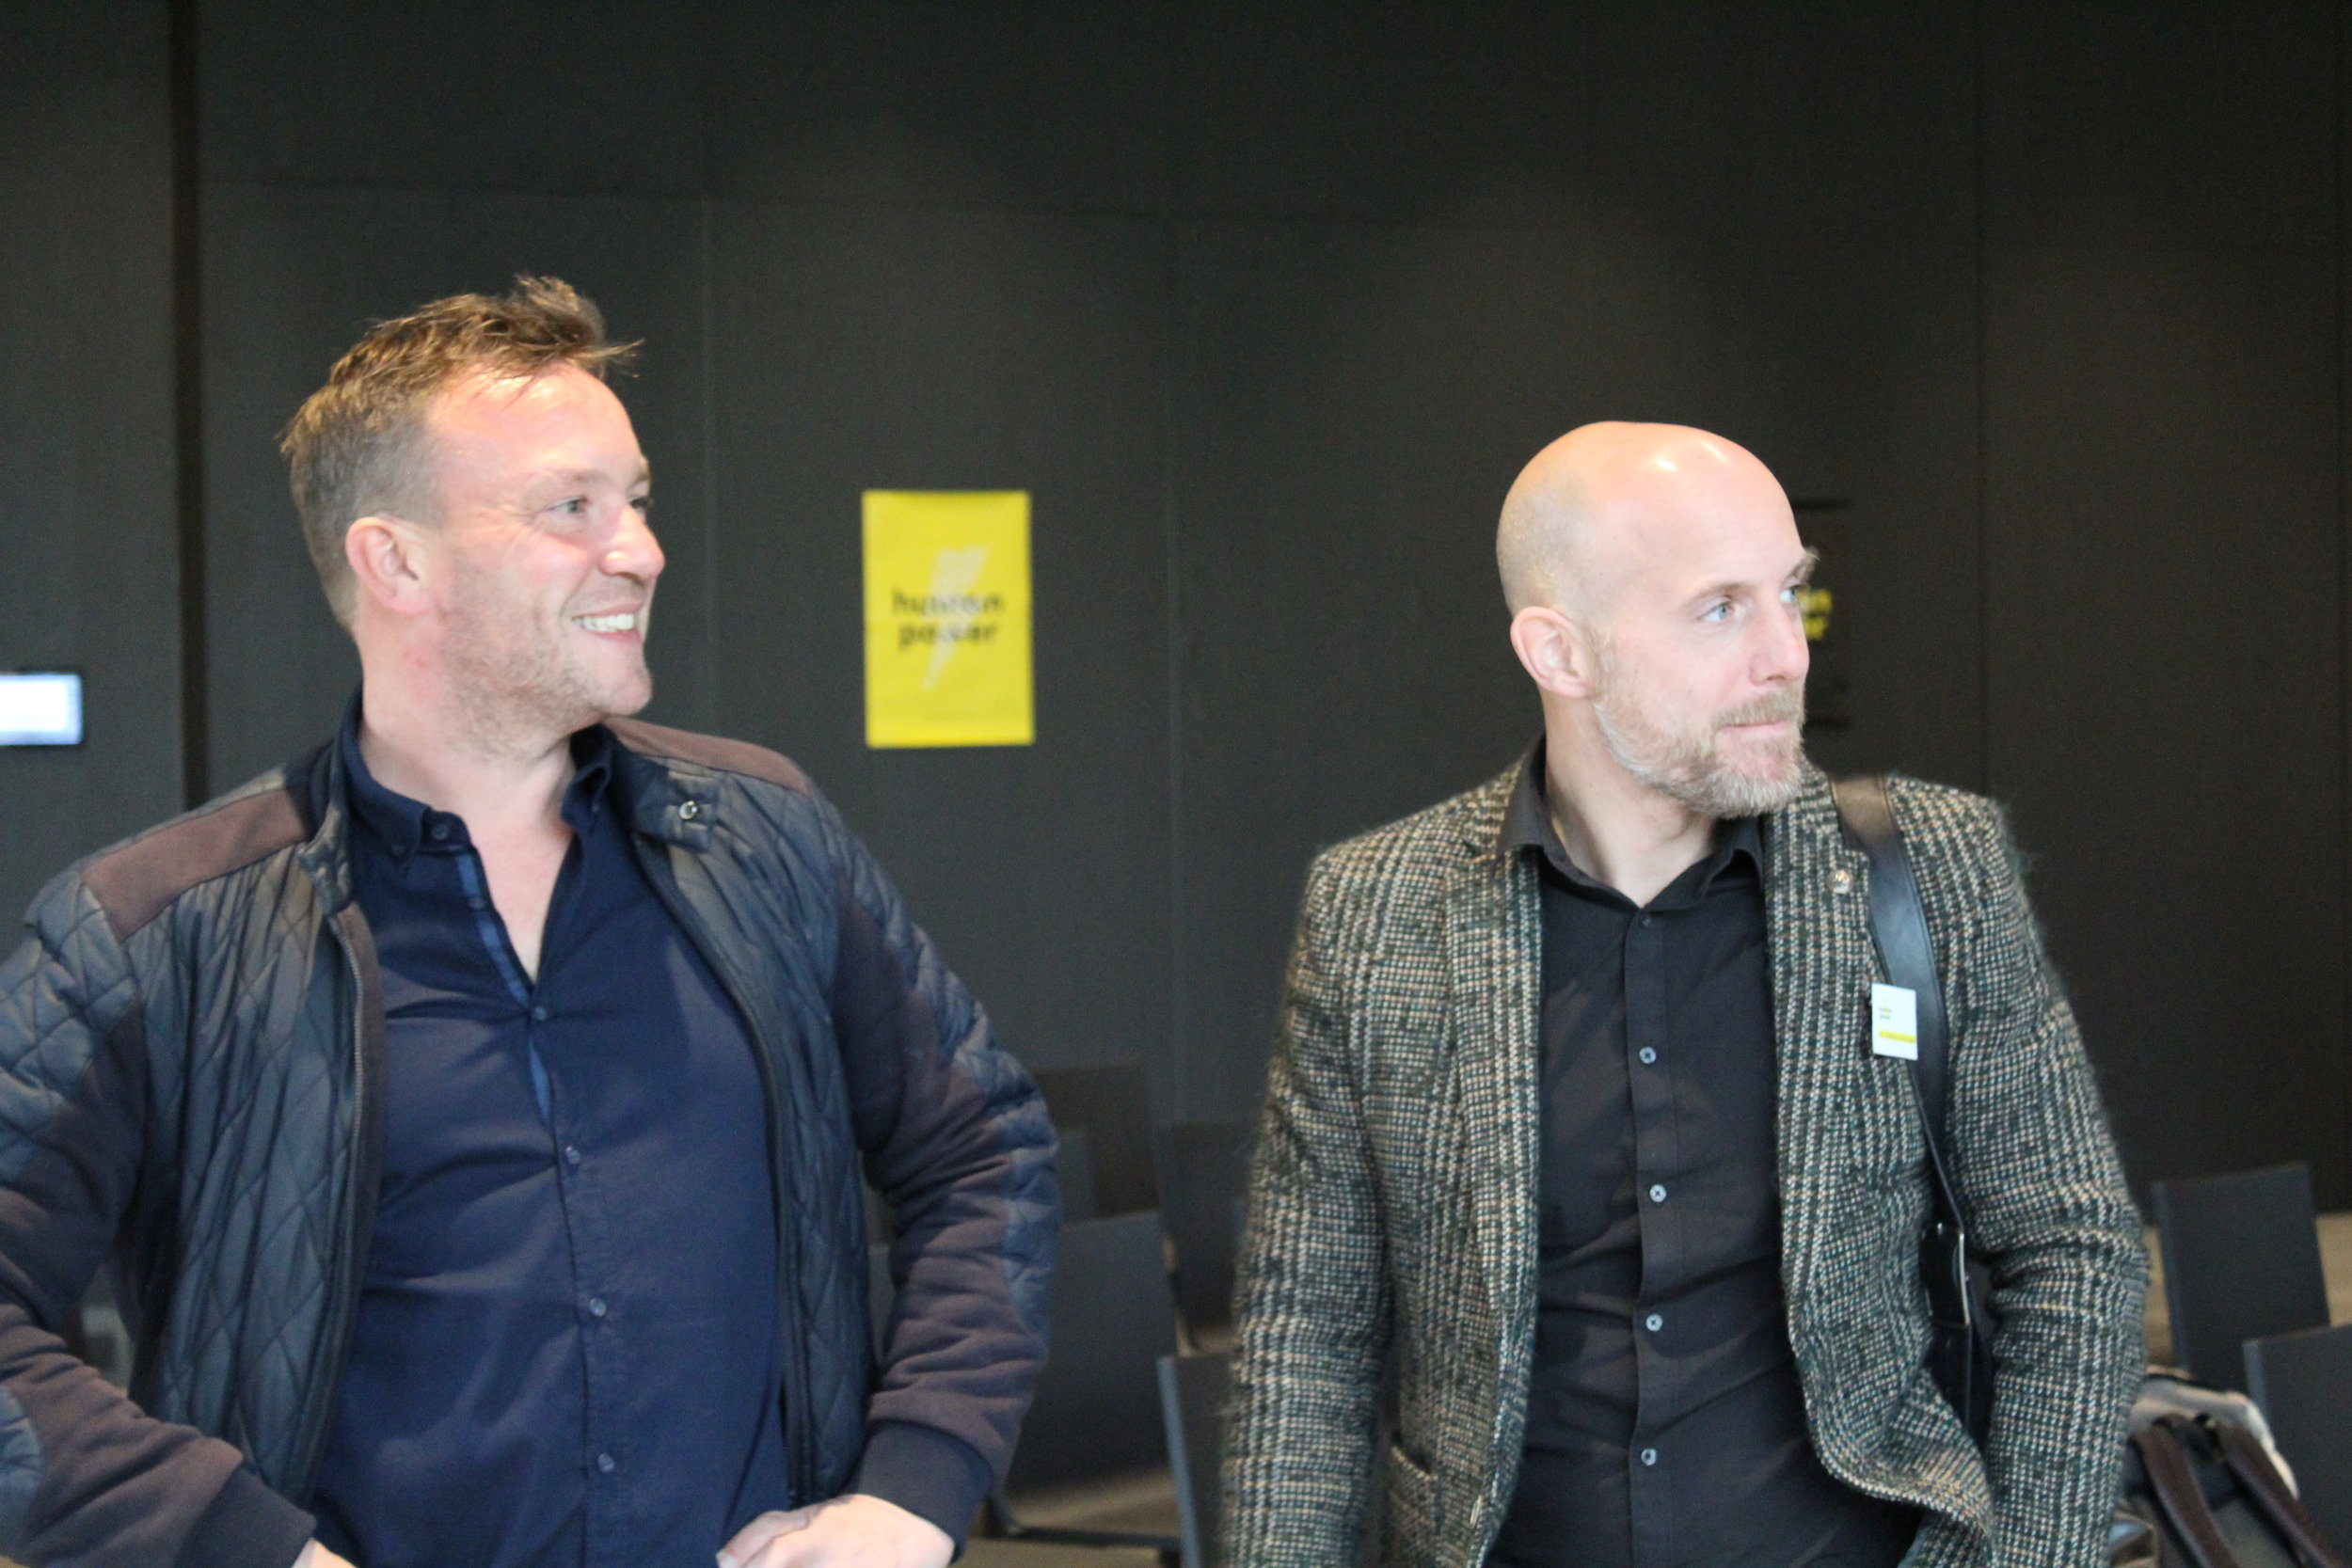 Human Power Now:  Prof. Dr. Rick van Baaren (links) & Dr. Matthijs van Leeuwen (rechts) voor hun lezing tijdens openingsconferentie de MENS achter het GEDRAG 31-10-2018 Château St. Gerlach Valkenburg